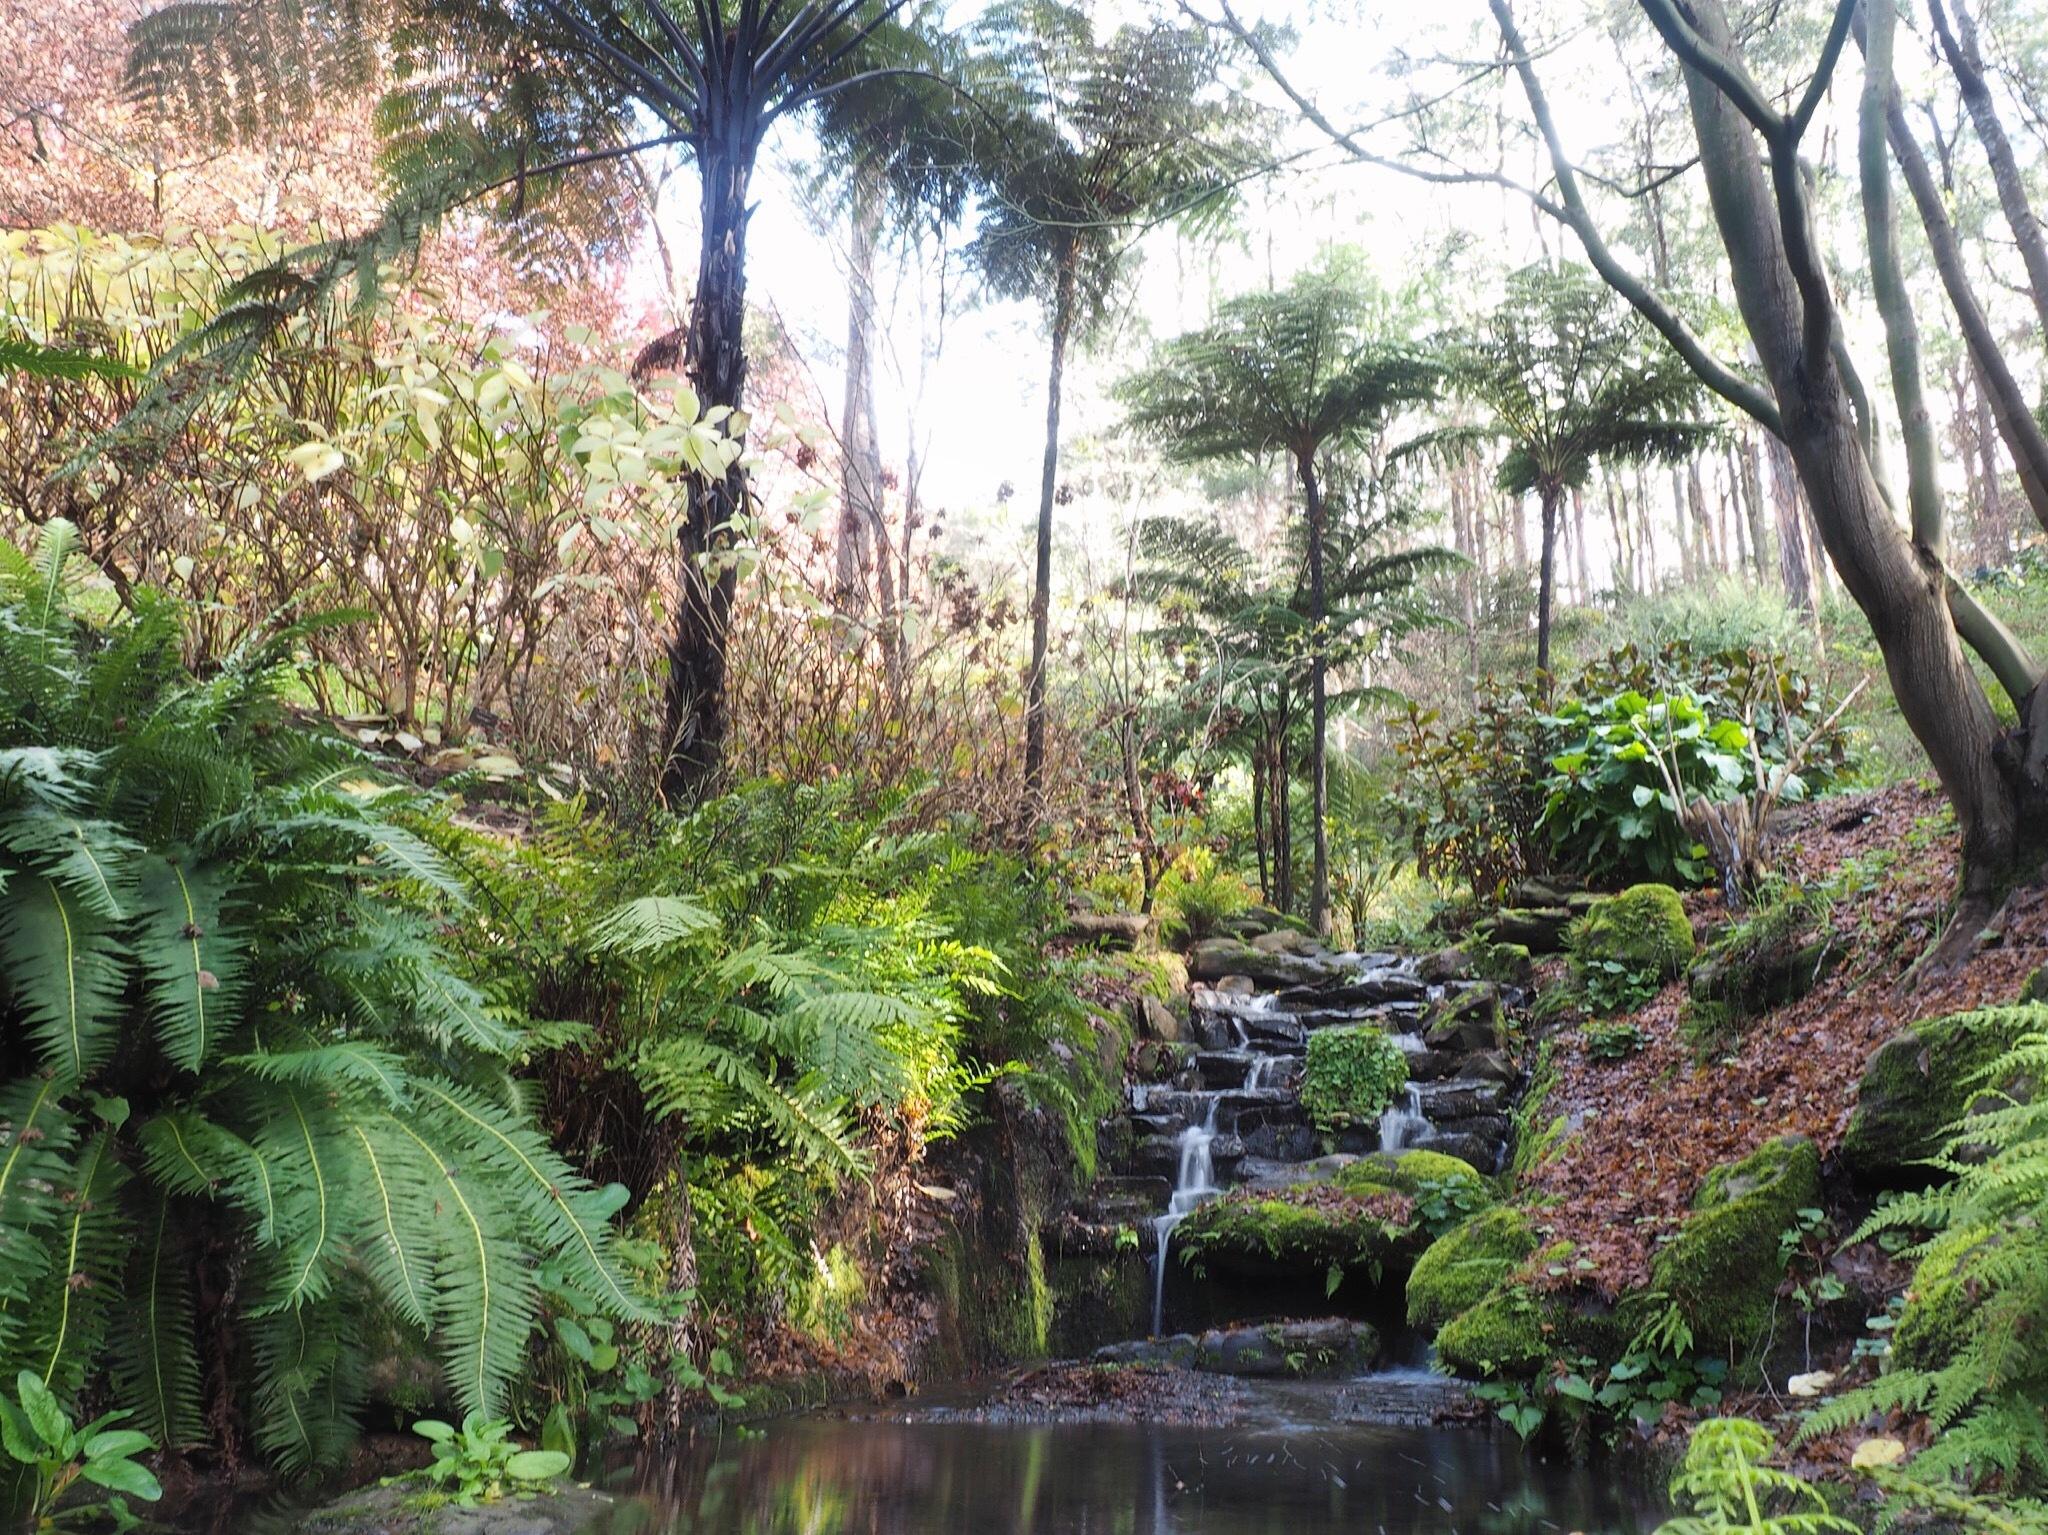 5 Things To Enjoy At Mount Lofty Botanic Garden This